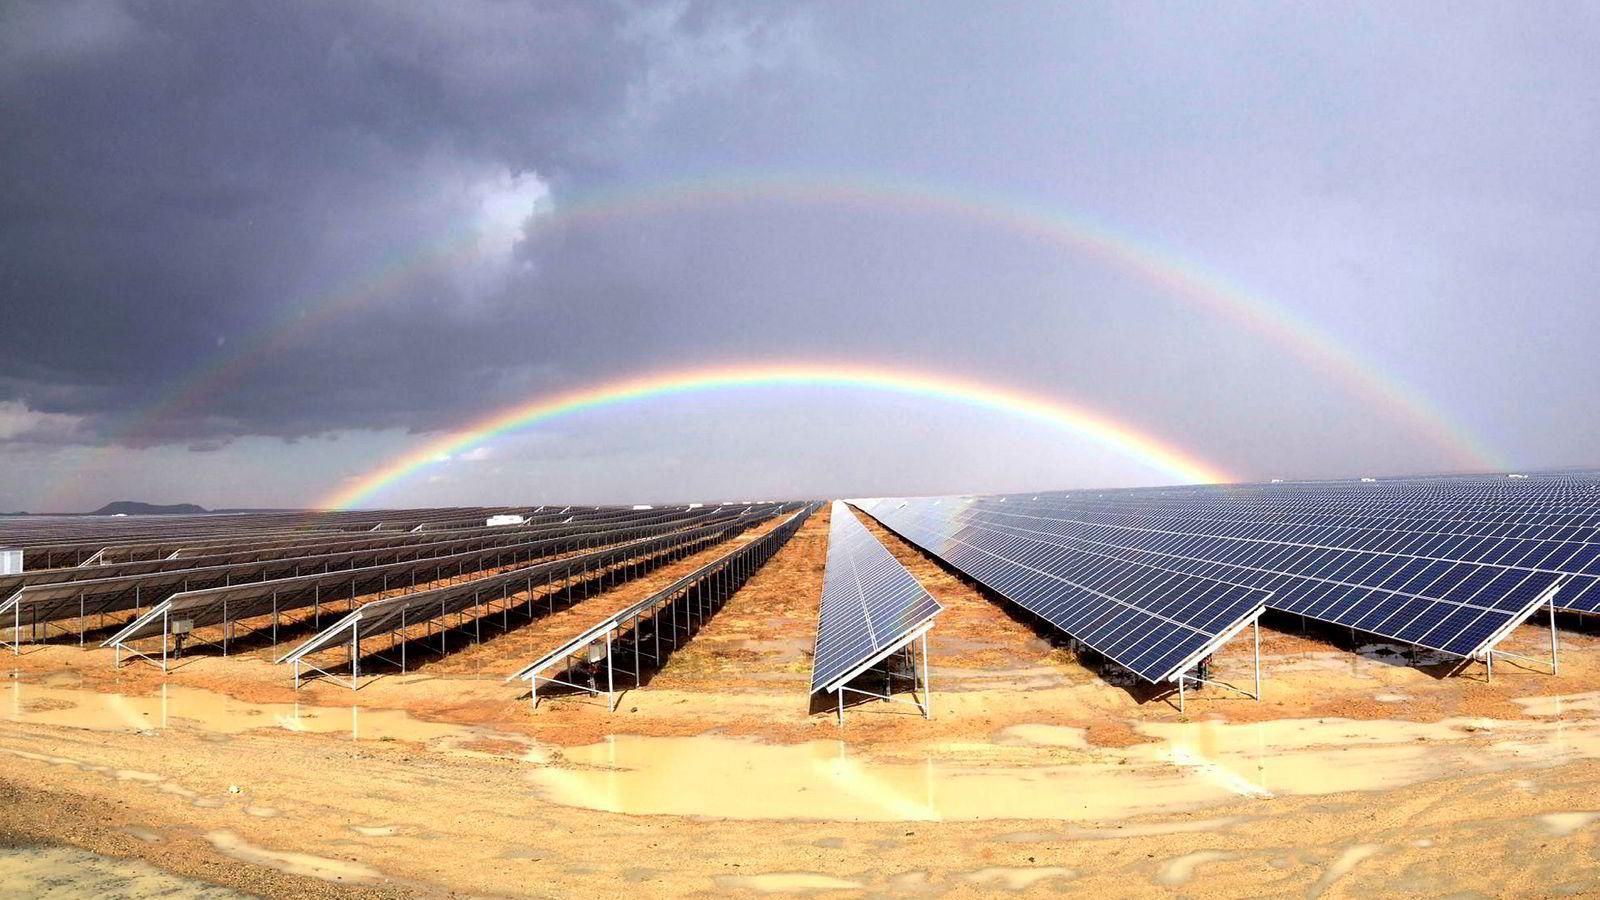 Scatec Solars solpark i Kalkbult i Sør-Afrika.